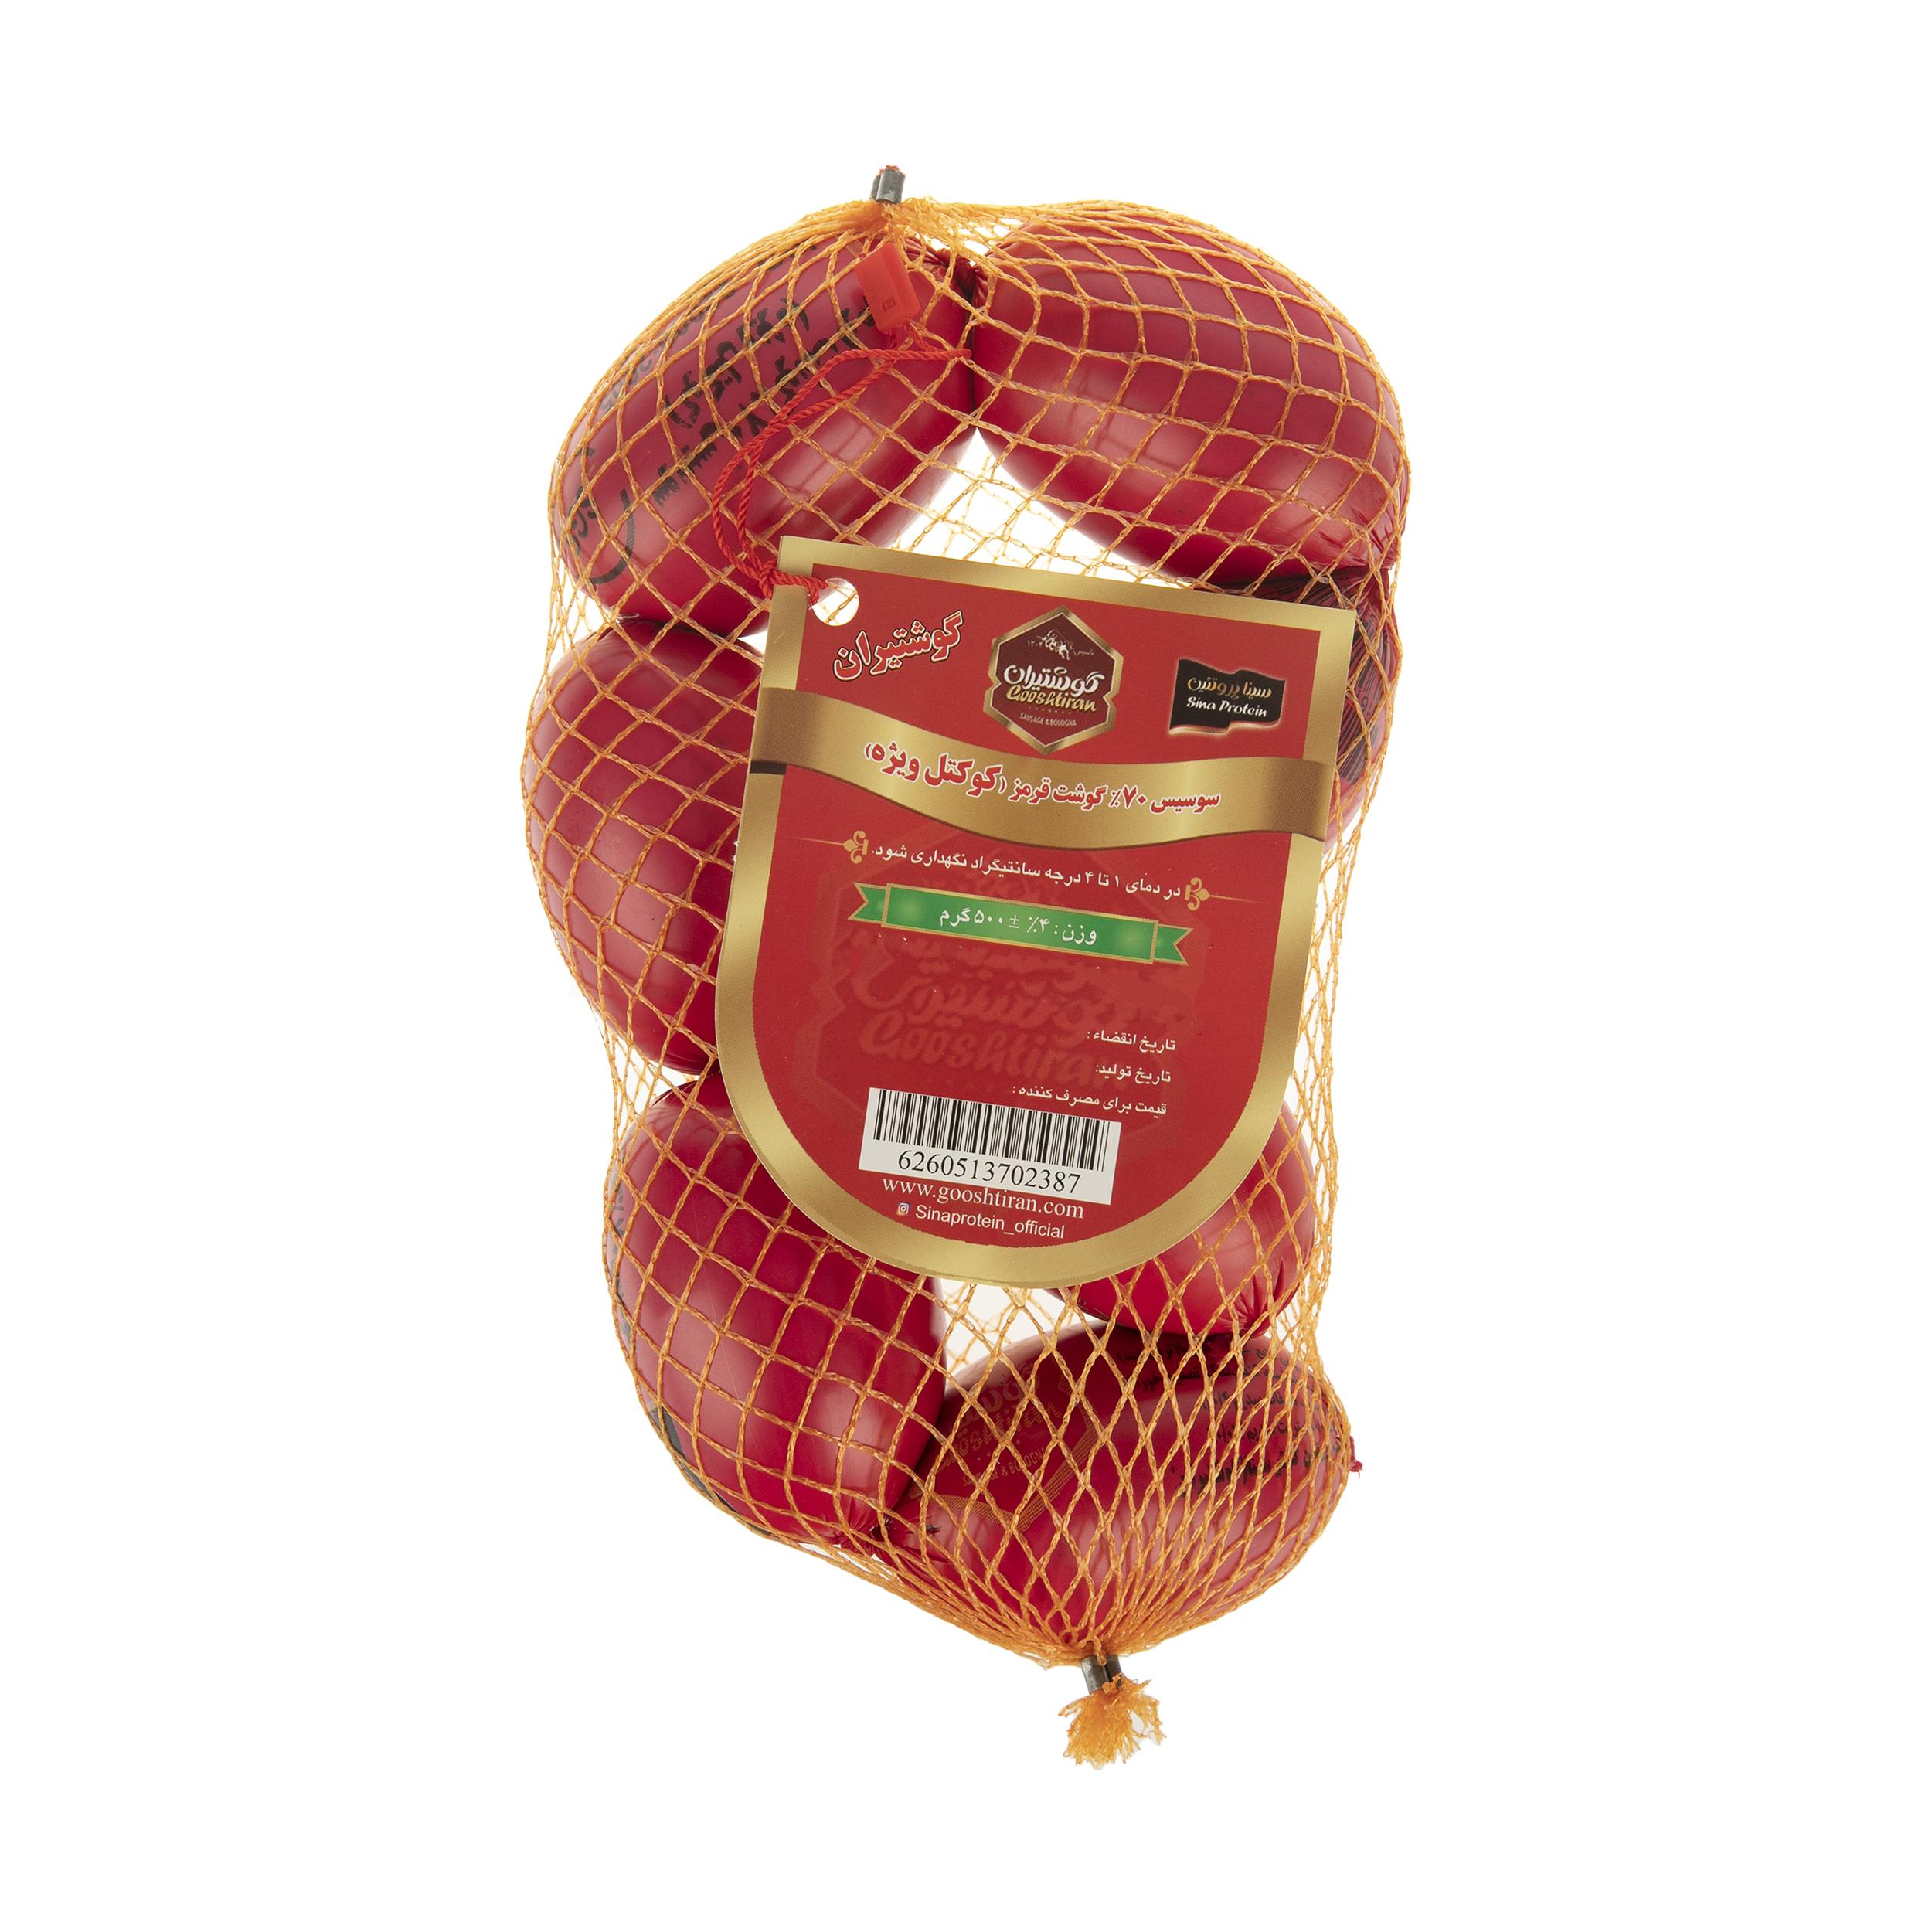 سوسیس کوکتل ویژه 70 درصد گوشت گوشتیران - 500 گرم